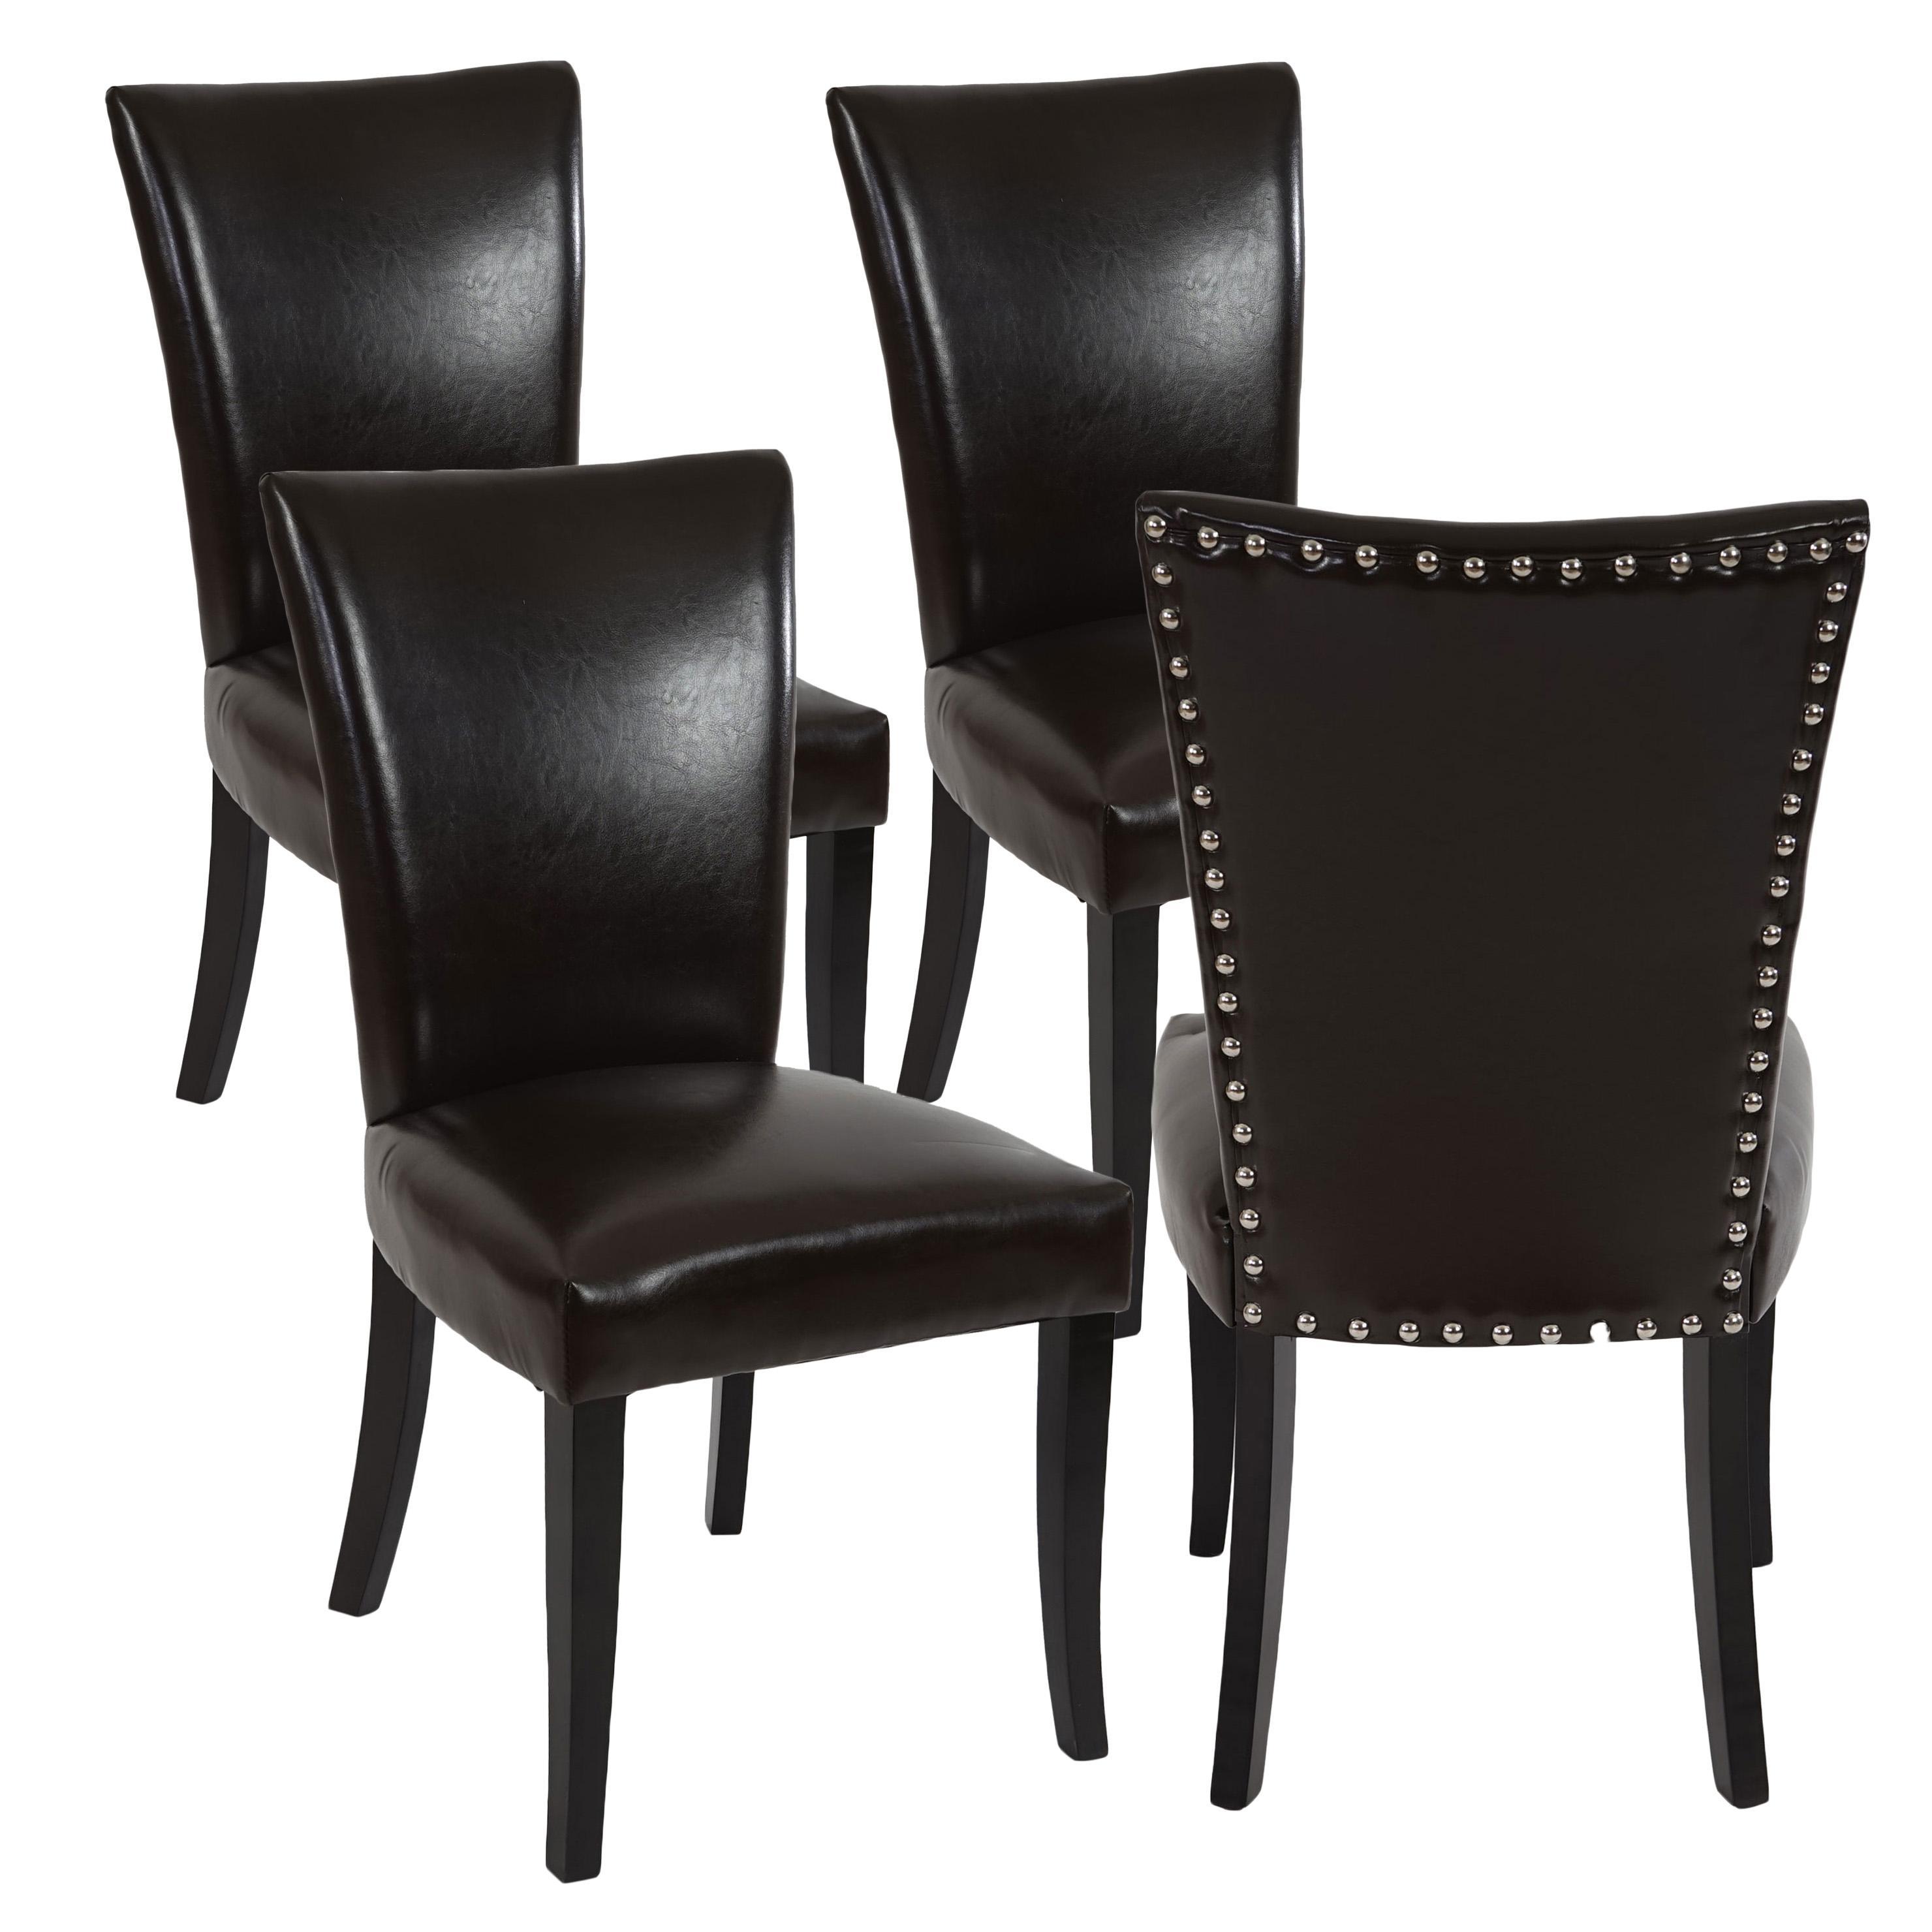 lote de sillas de comedor augusto piel marrn y patas oscuras diseo retro con remaches